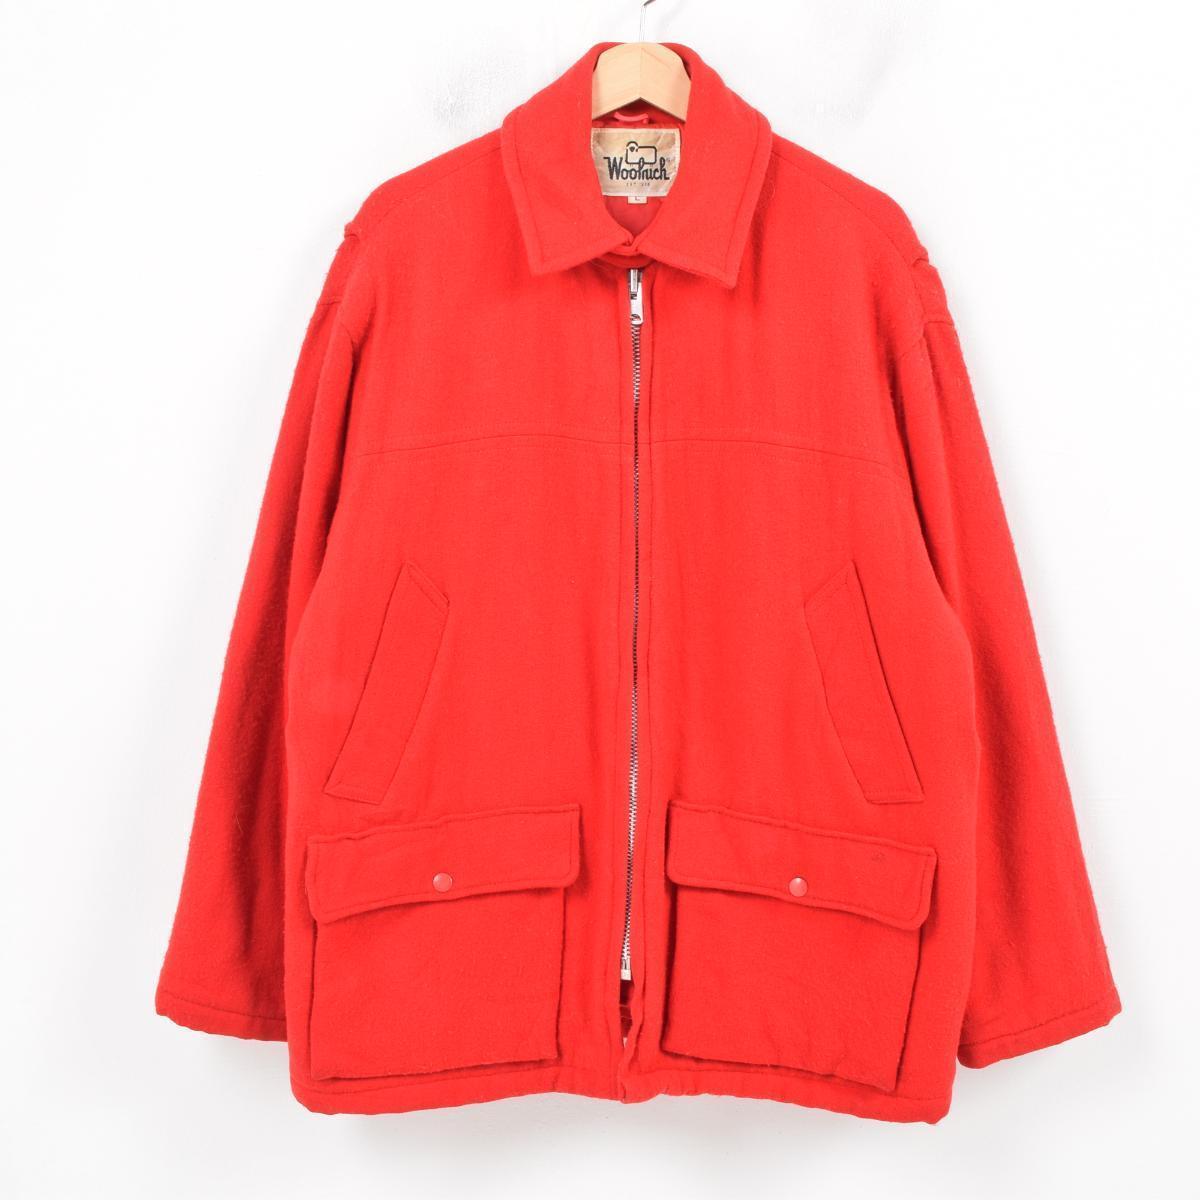 60〜70年代 ウールリッチ WOOLRICH ウールジャケット メンズL ヴィンテージ /wax9590 【中古】 【181021】【SS1901-5】